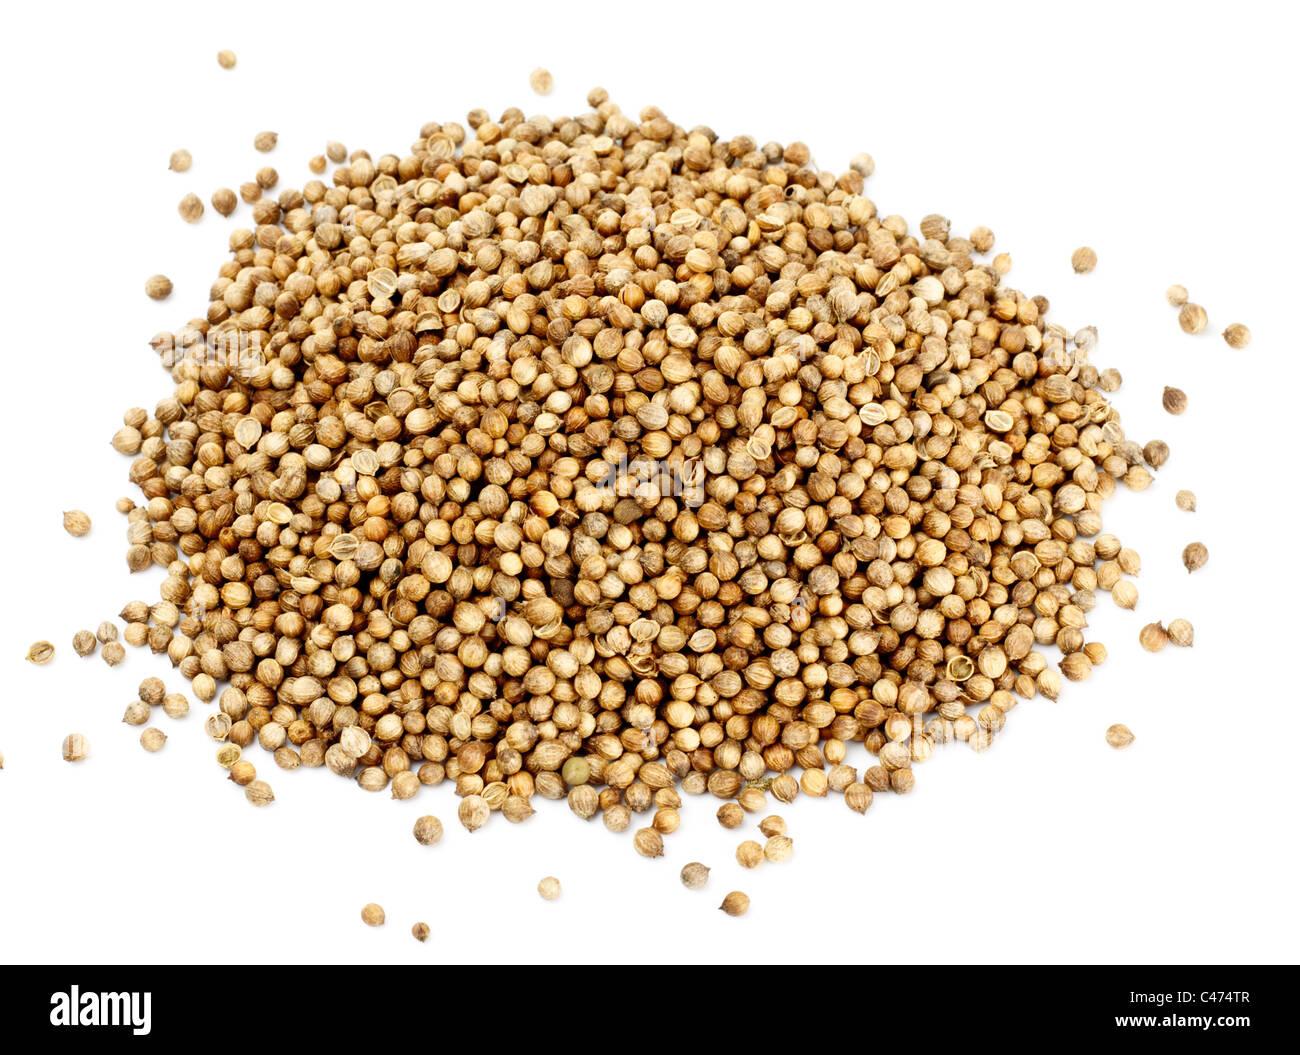 Beaucoup de graines de coriandre isolé sur fond blanc Photo Stock